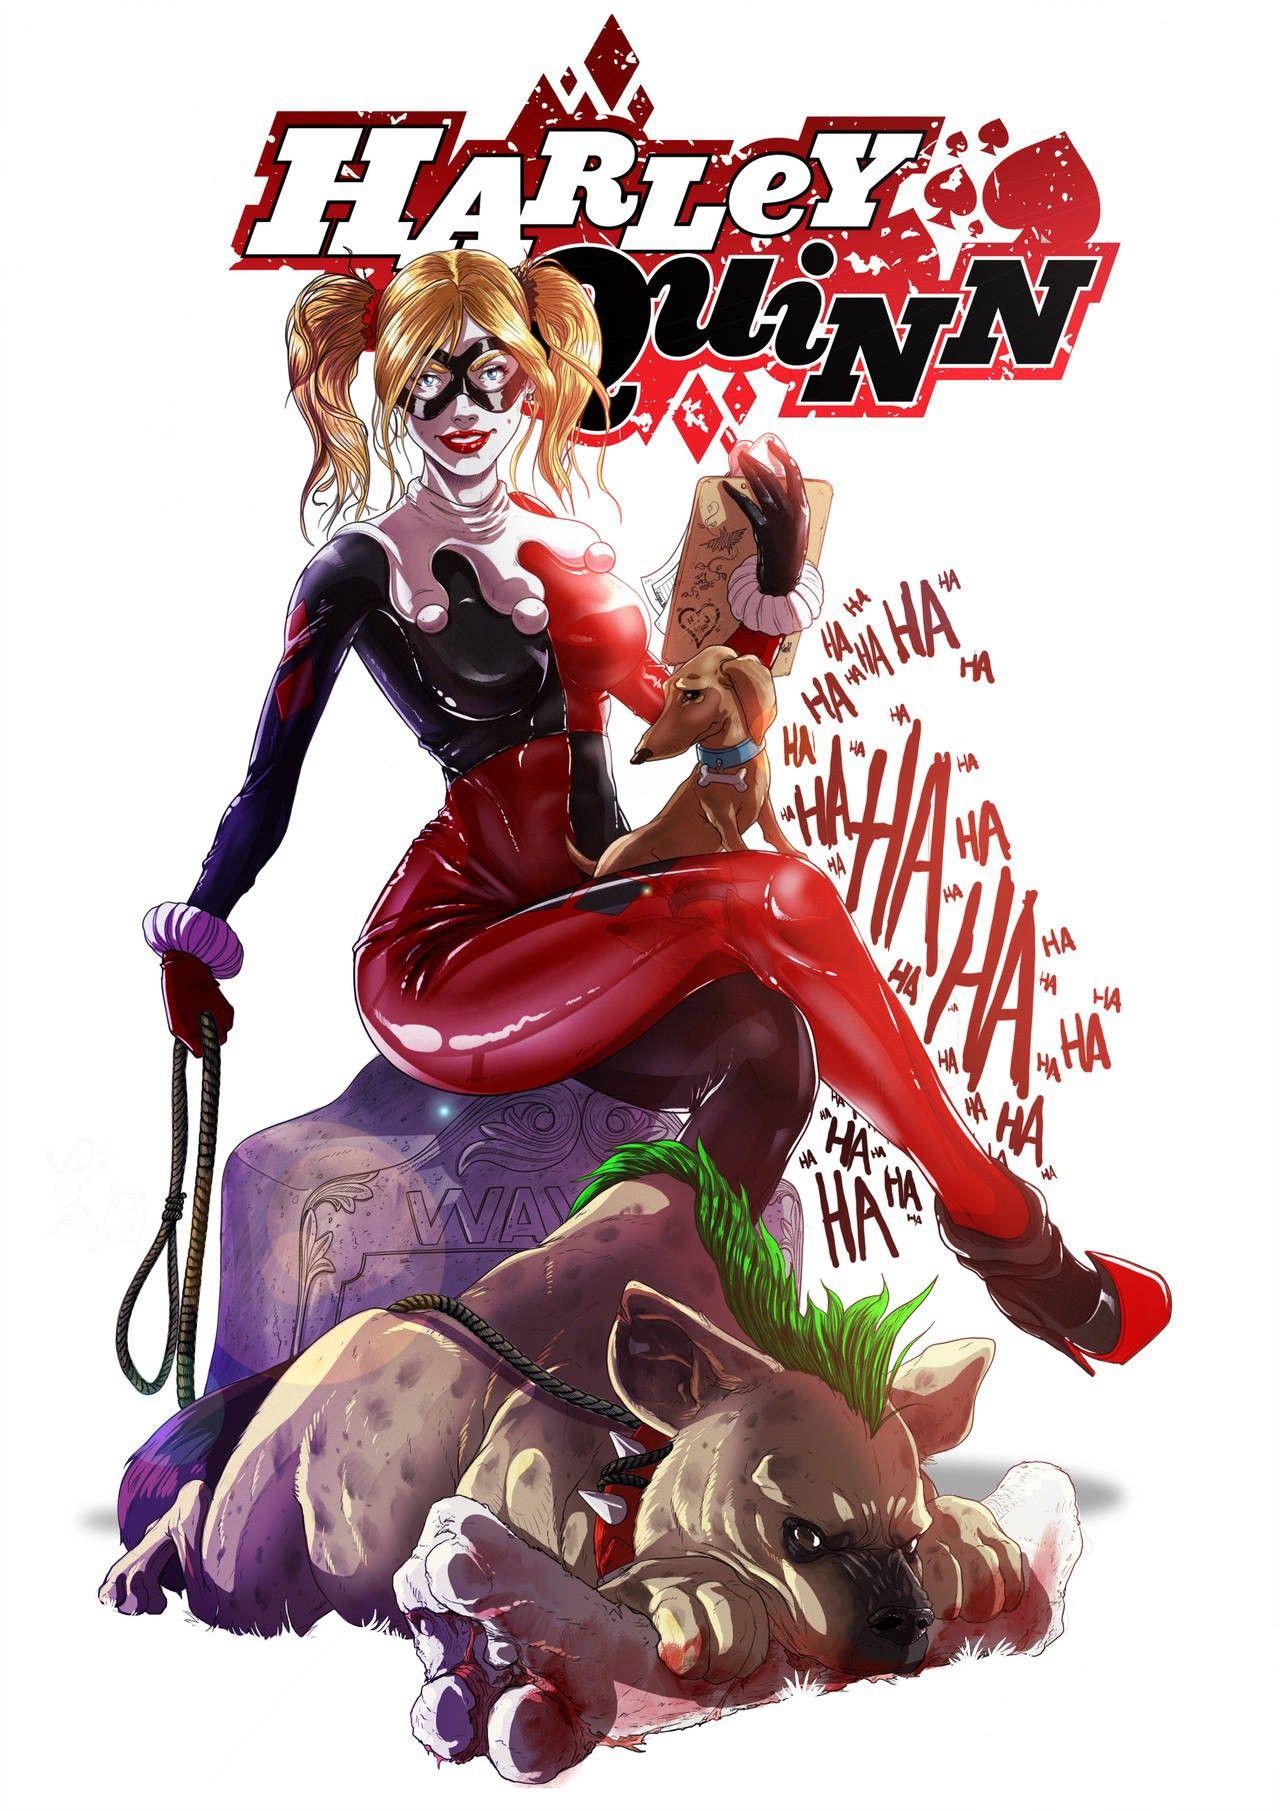 Épinglé sur Harley Quinn